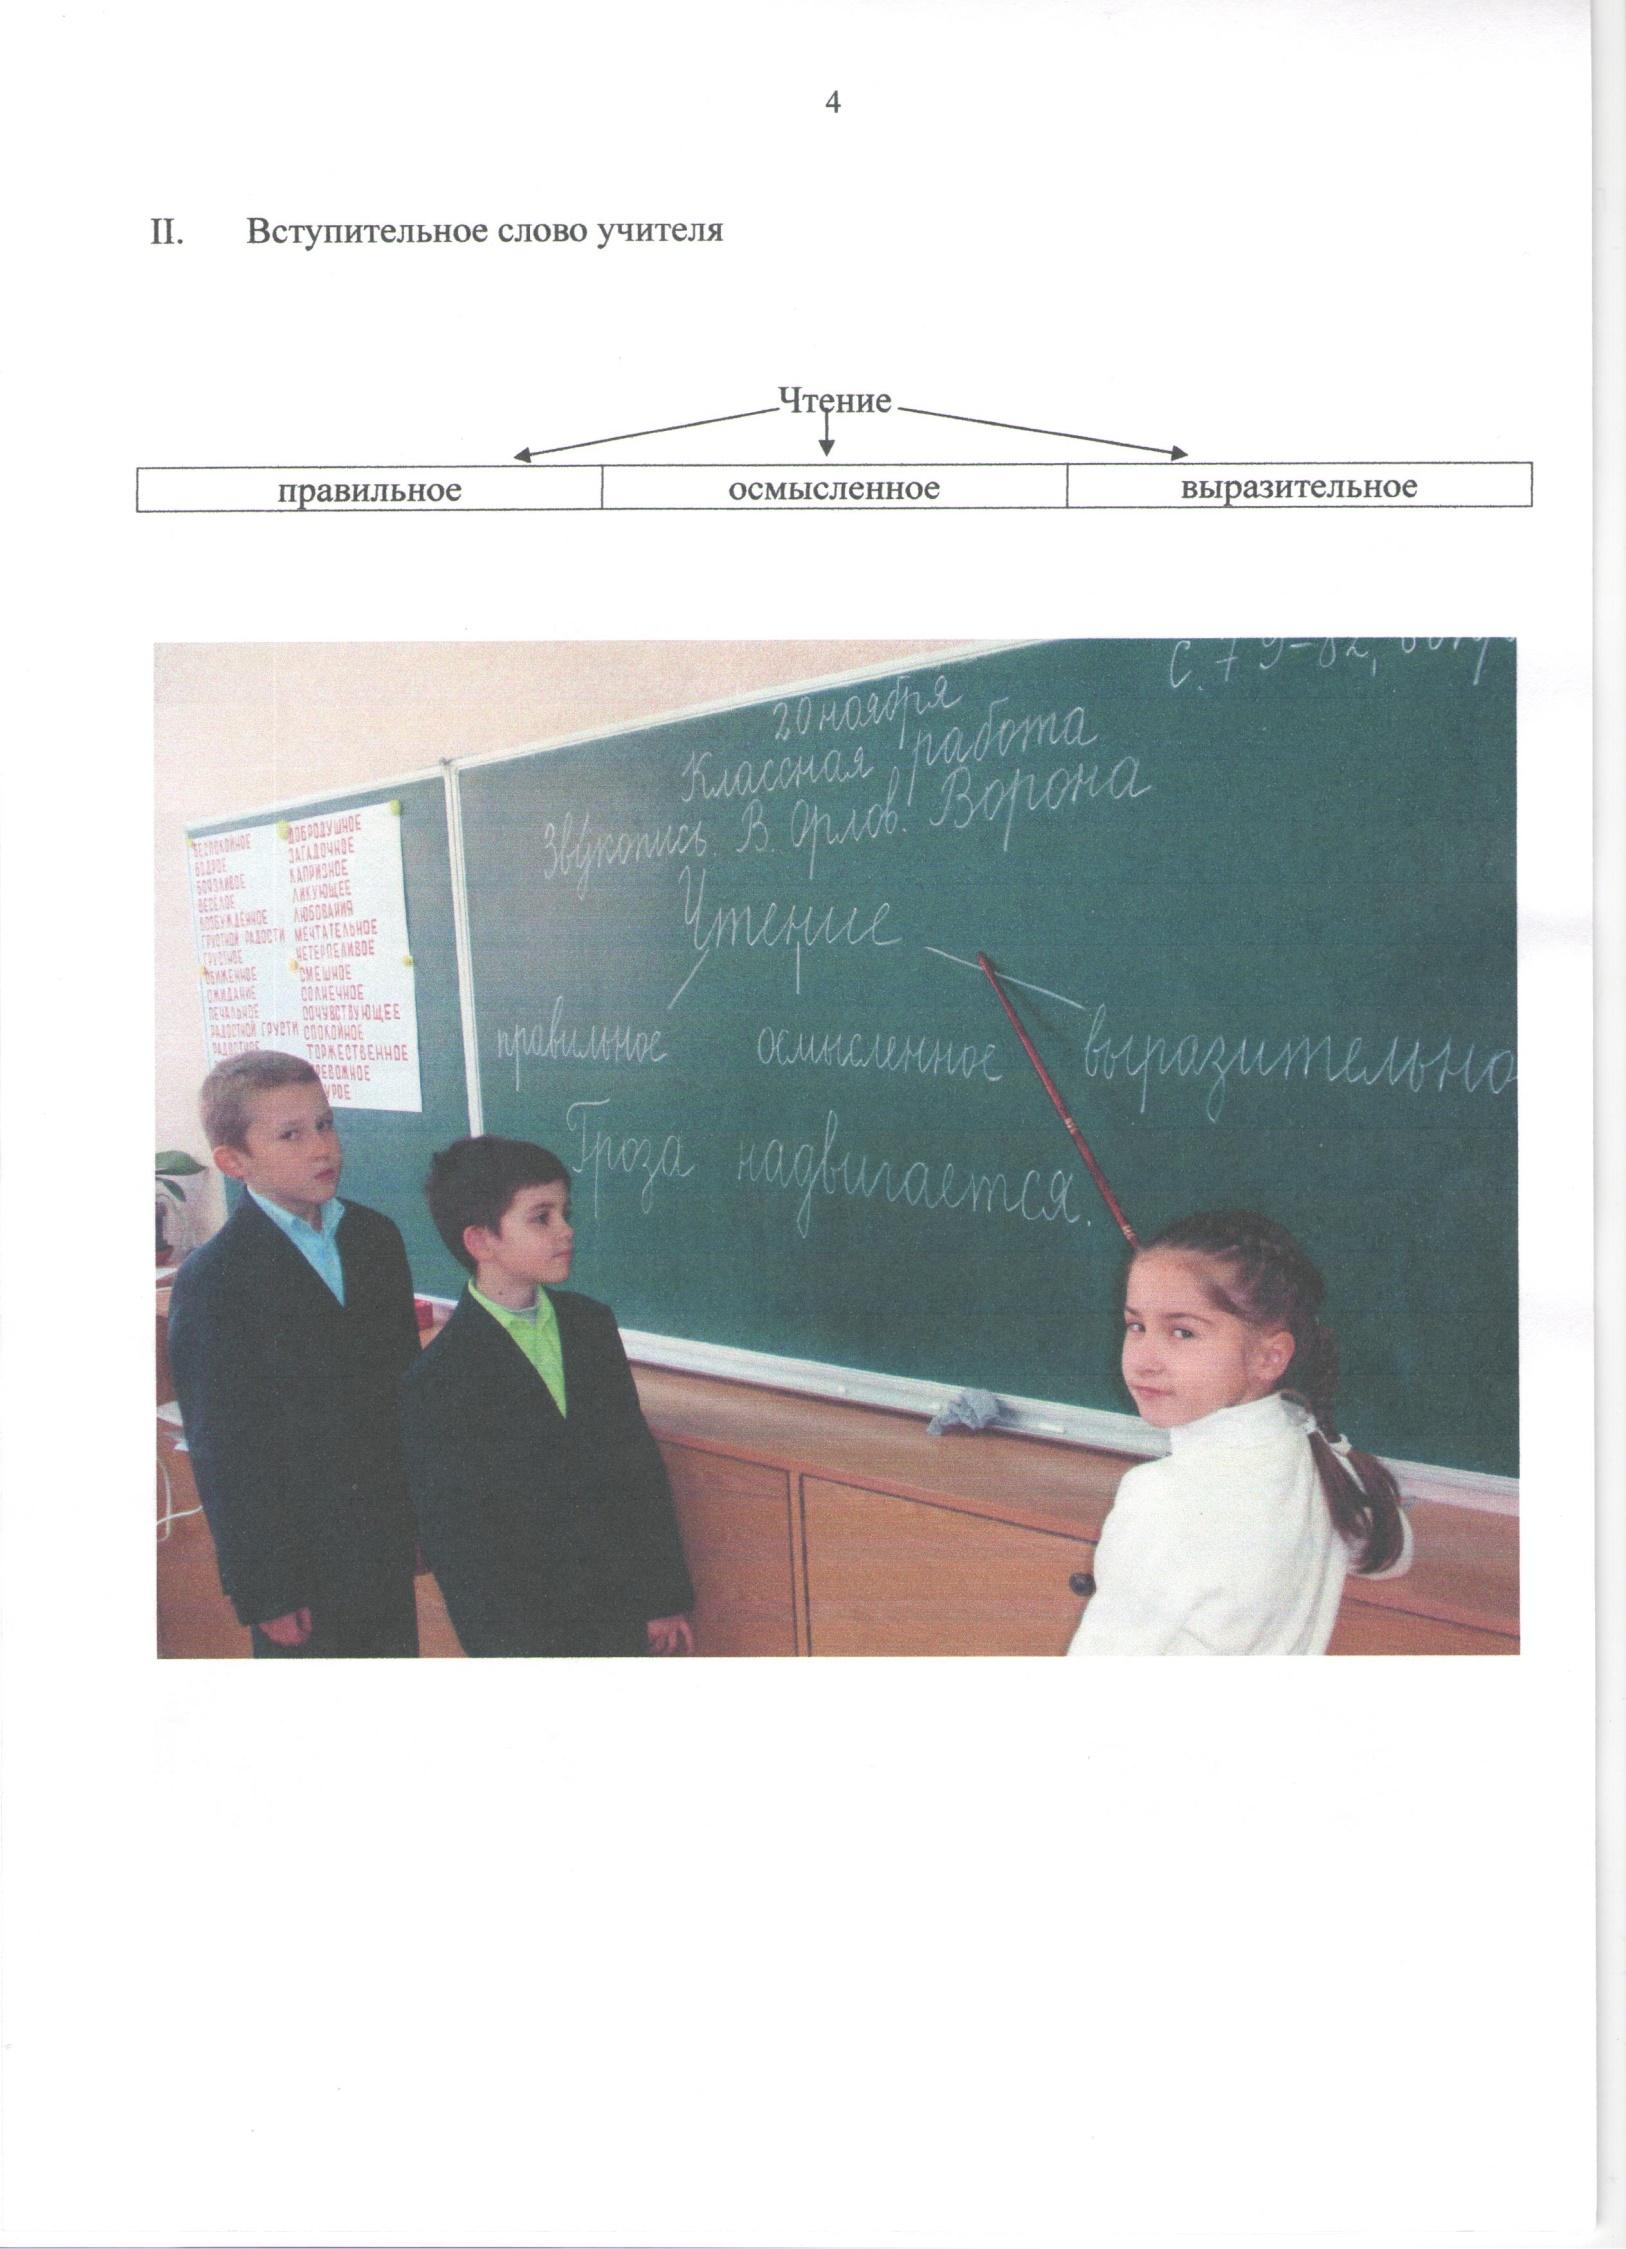 C:\Users\USER\Desktop\Фрагмент открытого урока\004.jpg